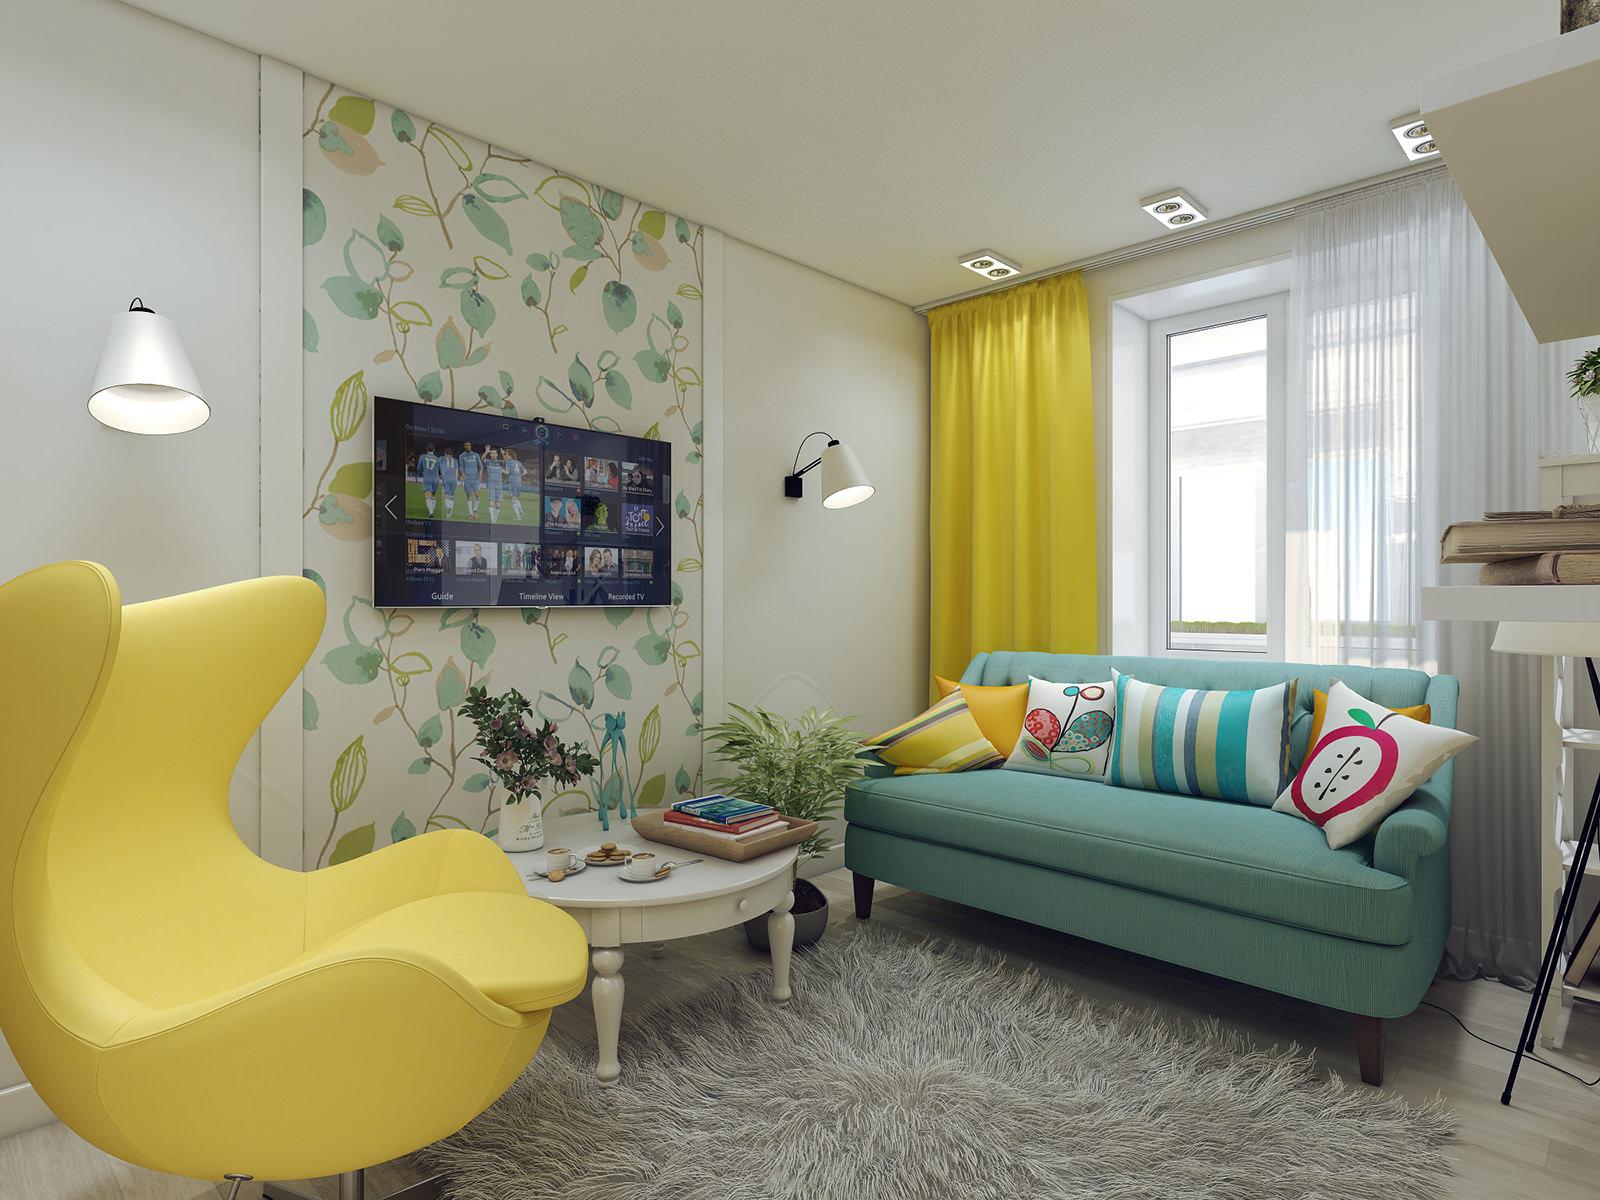 Желтый, бирюзовый, белый и серый цвета в гостиной